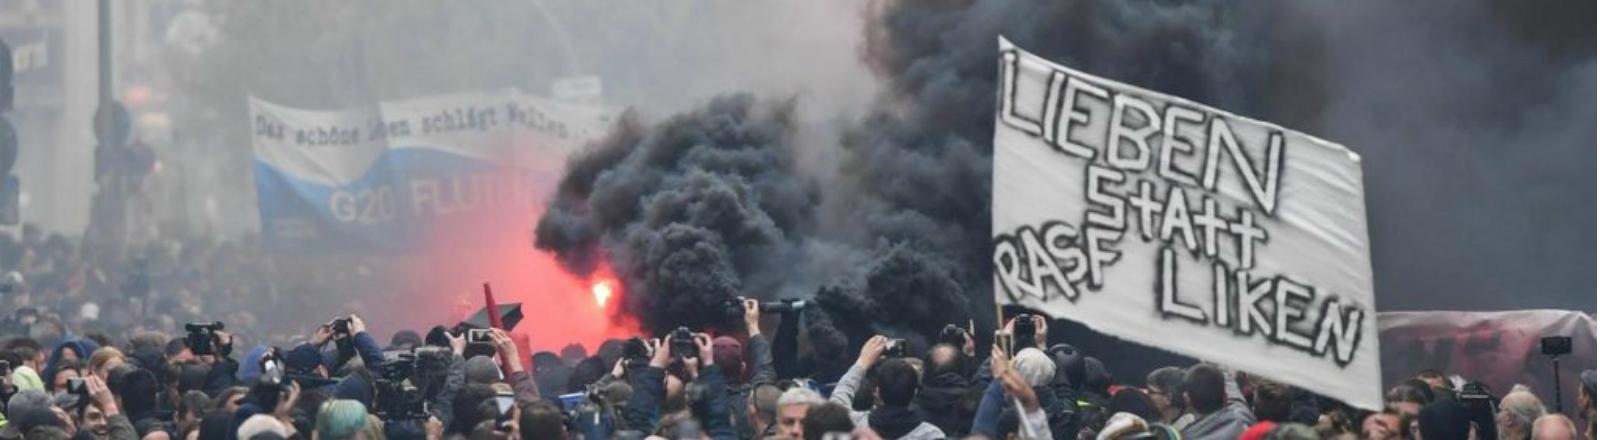 """Die """"Radikale Anti Smartphone Front"""" (RASF) auf der Demo vom 1. Mai in Kreuzberg. Ihre Message: Lieben statt Liken."""